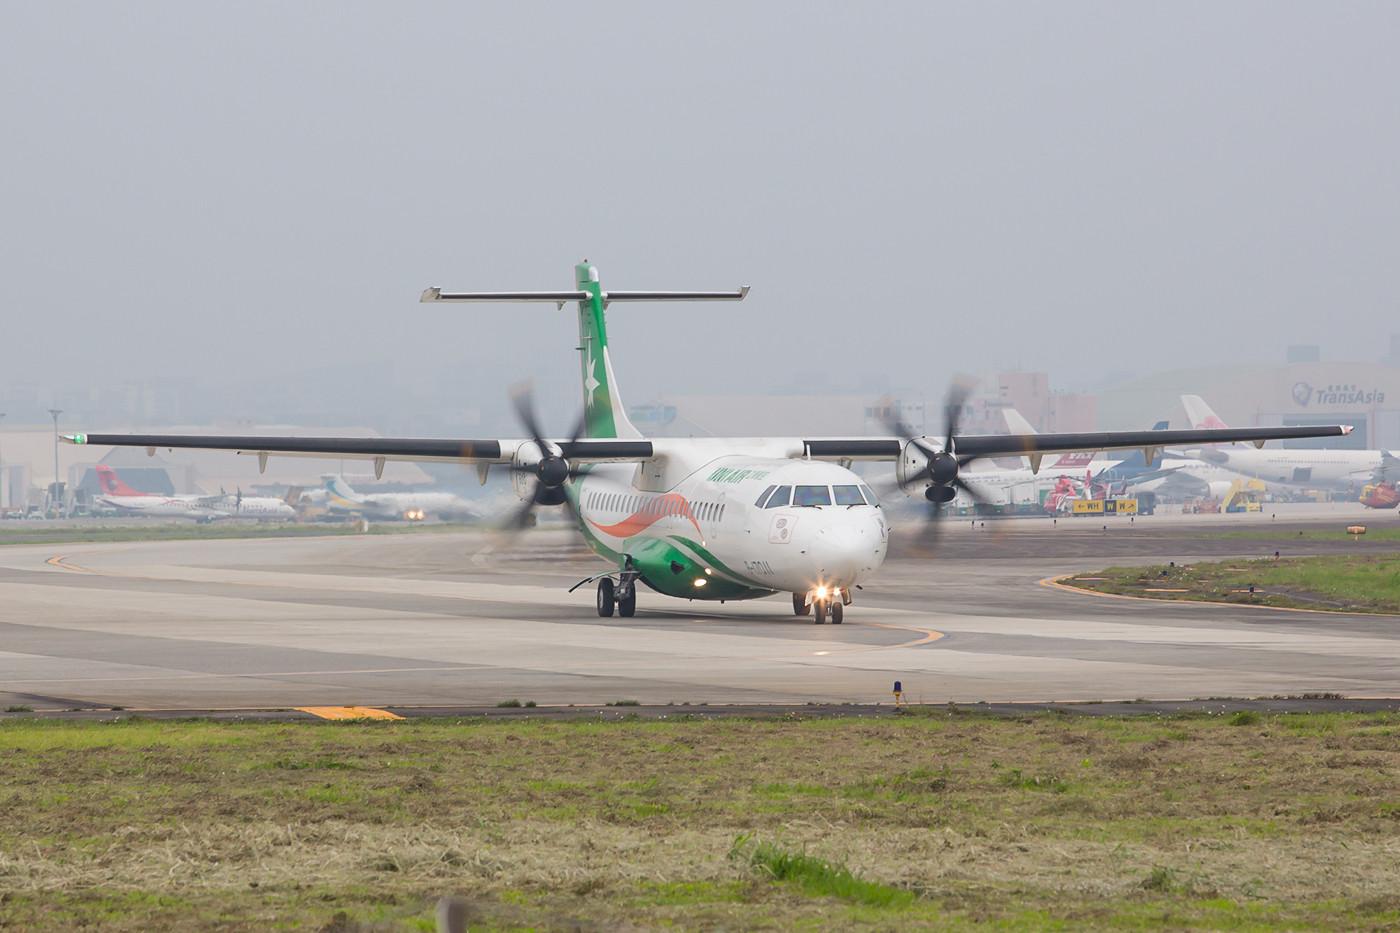 Der Stadtflughafen wickelt eher Inlandsflüge ab, hat aber auch einige Verbindungen z.B. nach Japan.